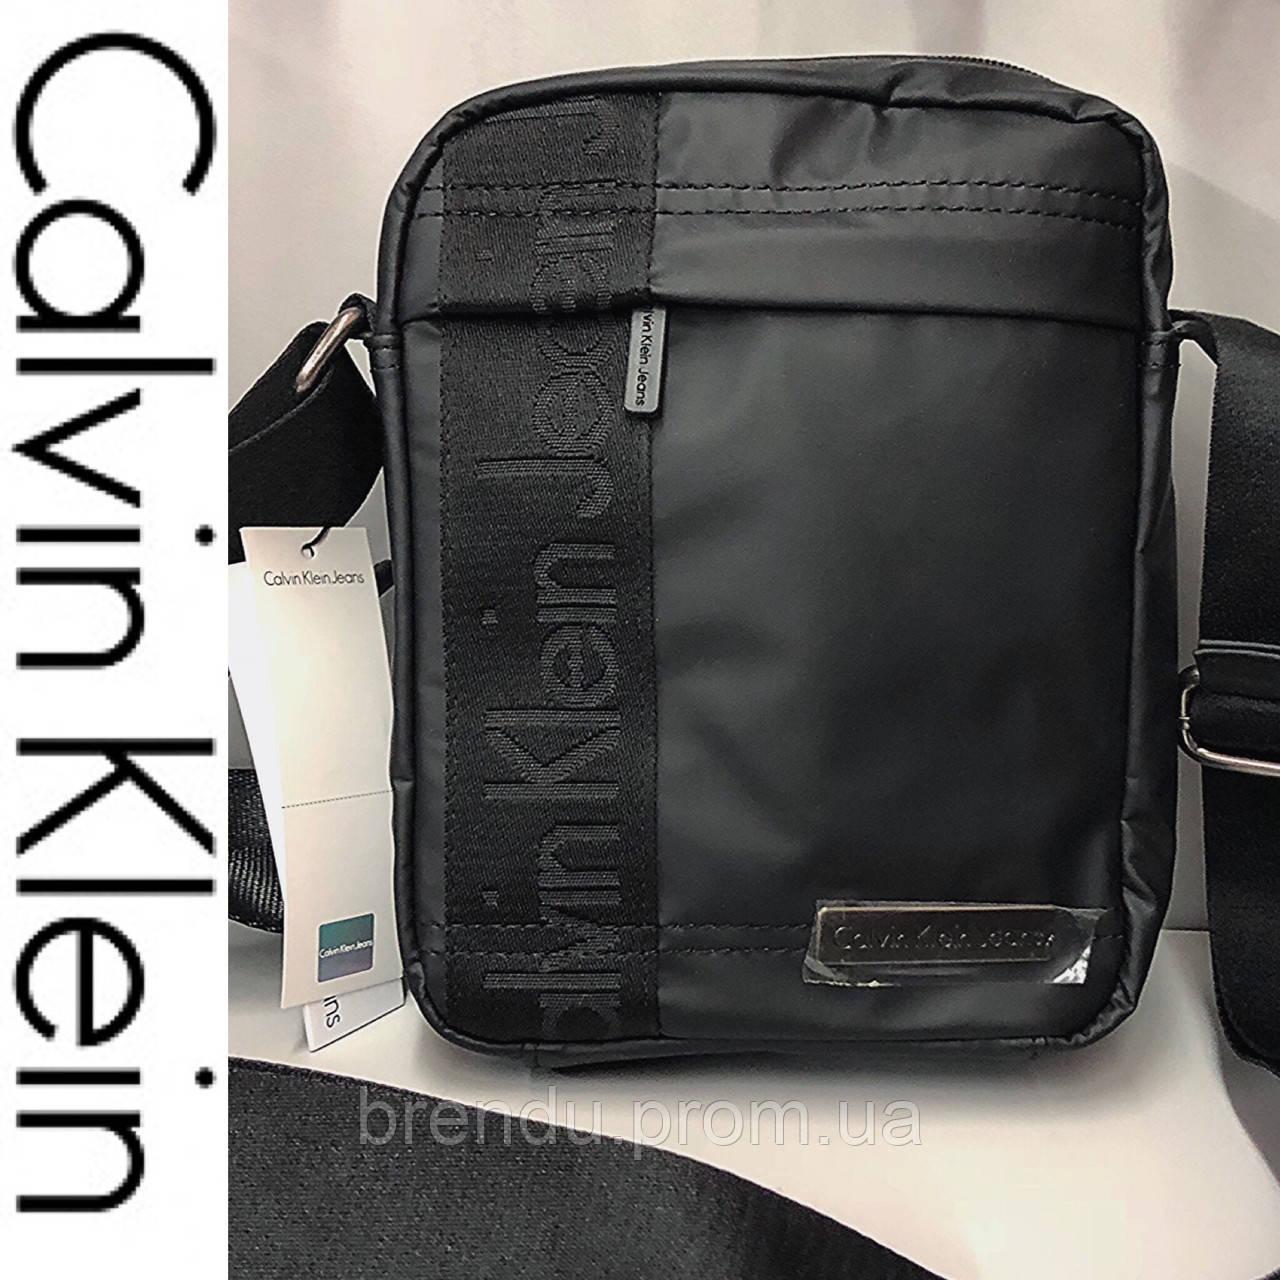 9aaa07f3a25b Сумка Calvin Klein : продажа, цена в Киеве. мужские сумки и барсетки ...